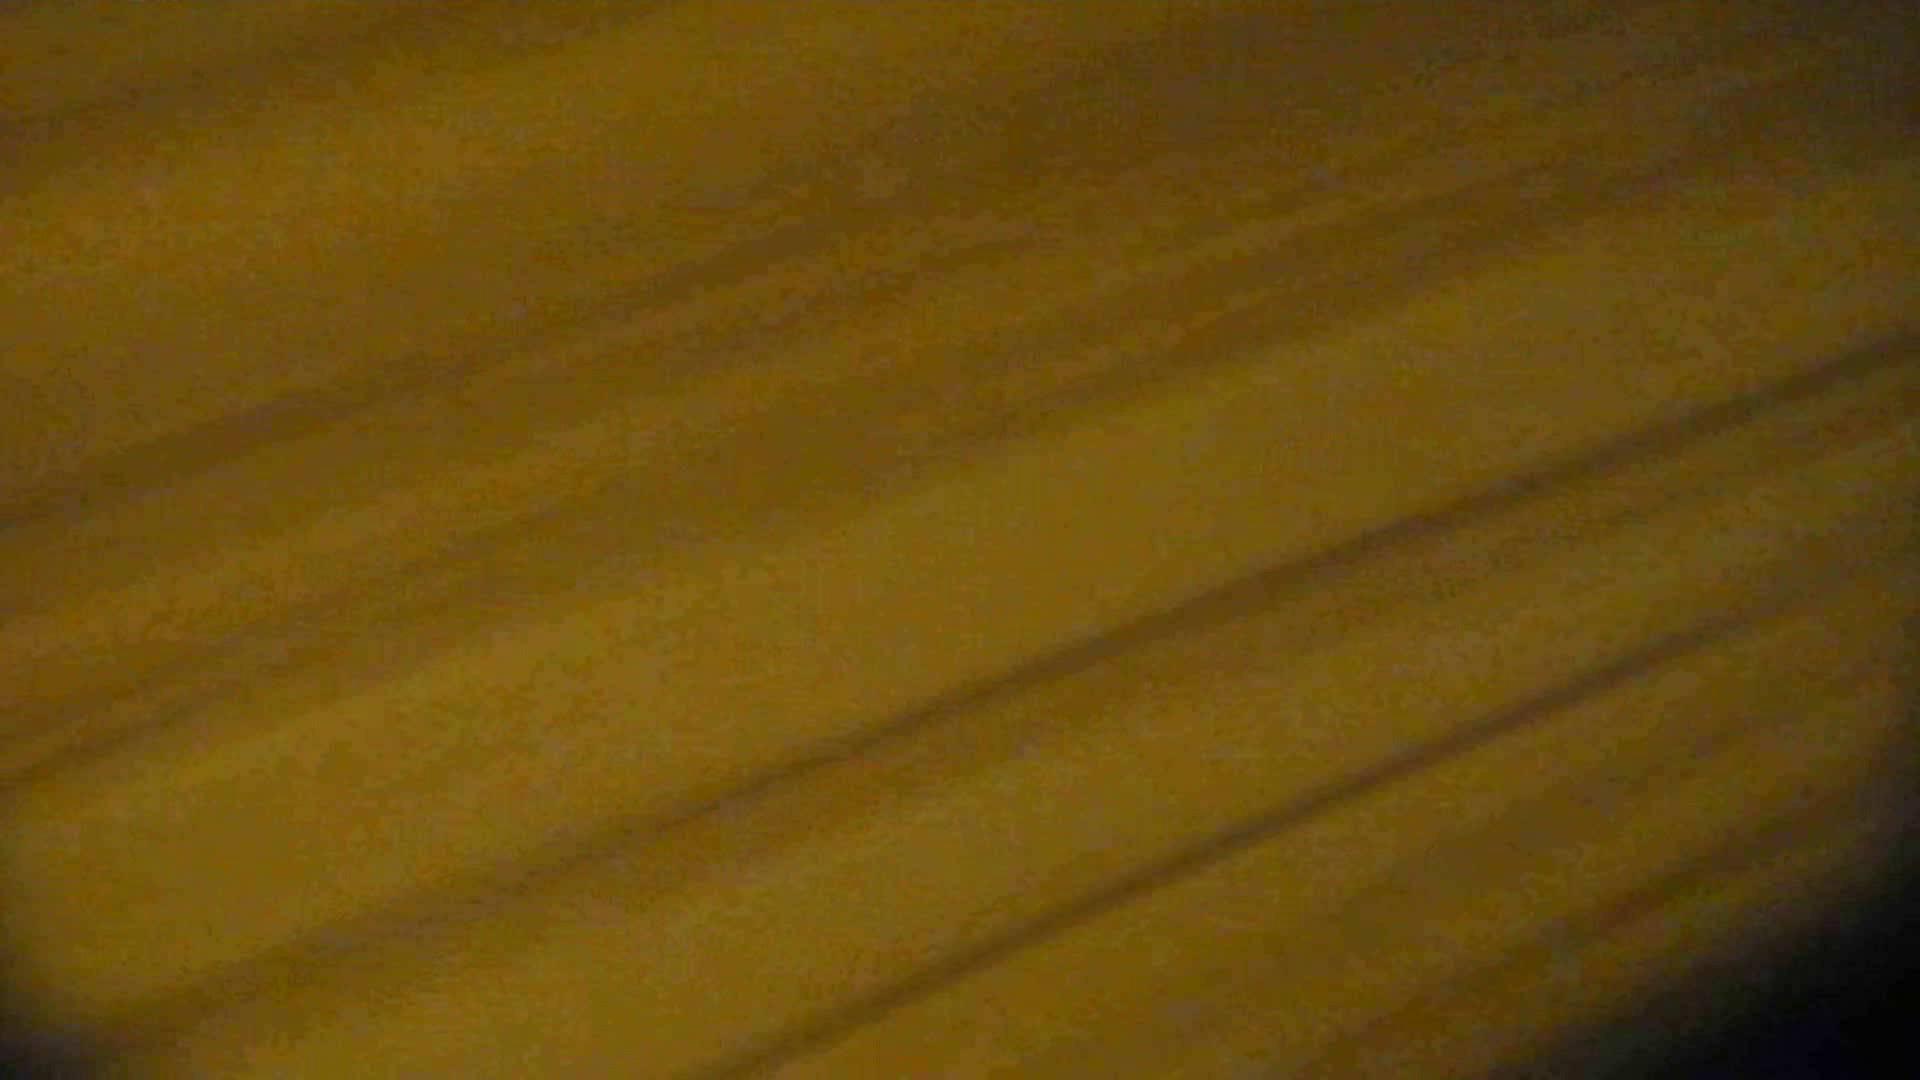 阿国ちゃんの「和式洋式七変化」No.14 丸見え おまんこ無修正動画無料 75枚 69